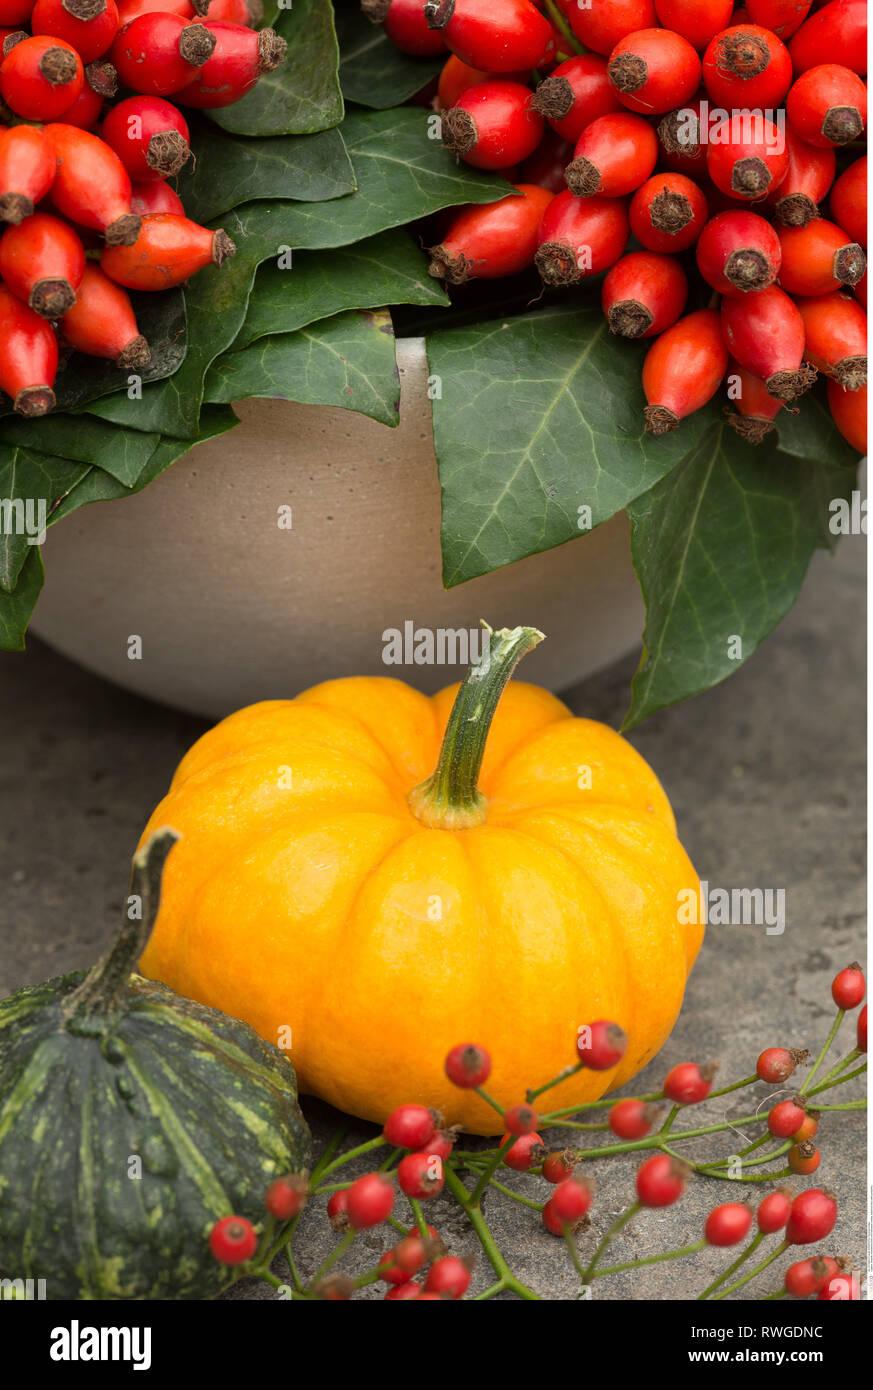 Deko Krbis Stockfotos und bilder Kaufen Alamy